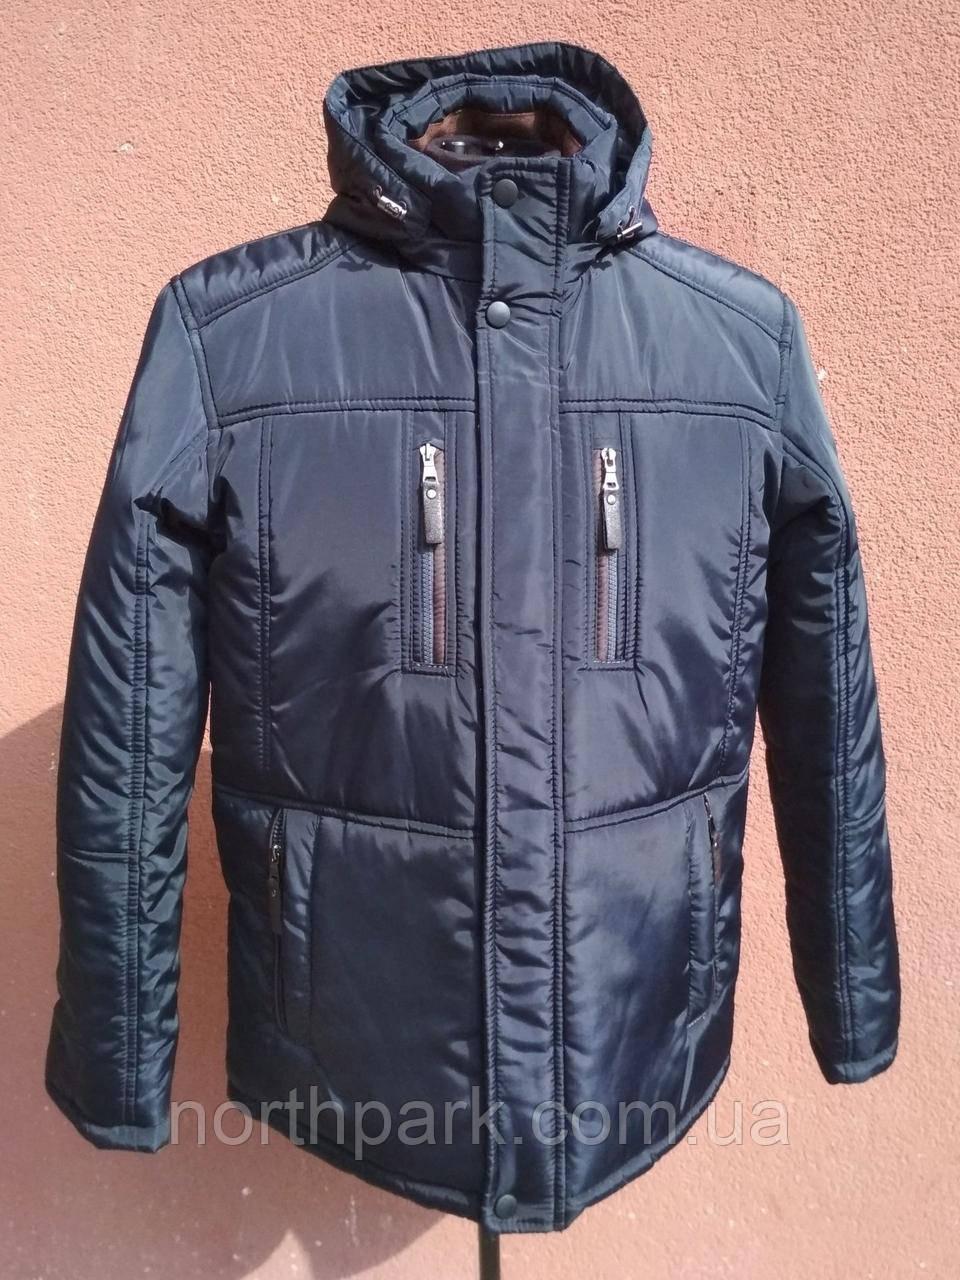 Мужская зимняя куртка классическая, темно-синяя